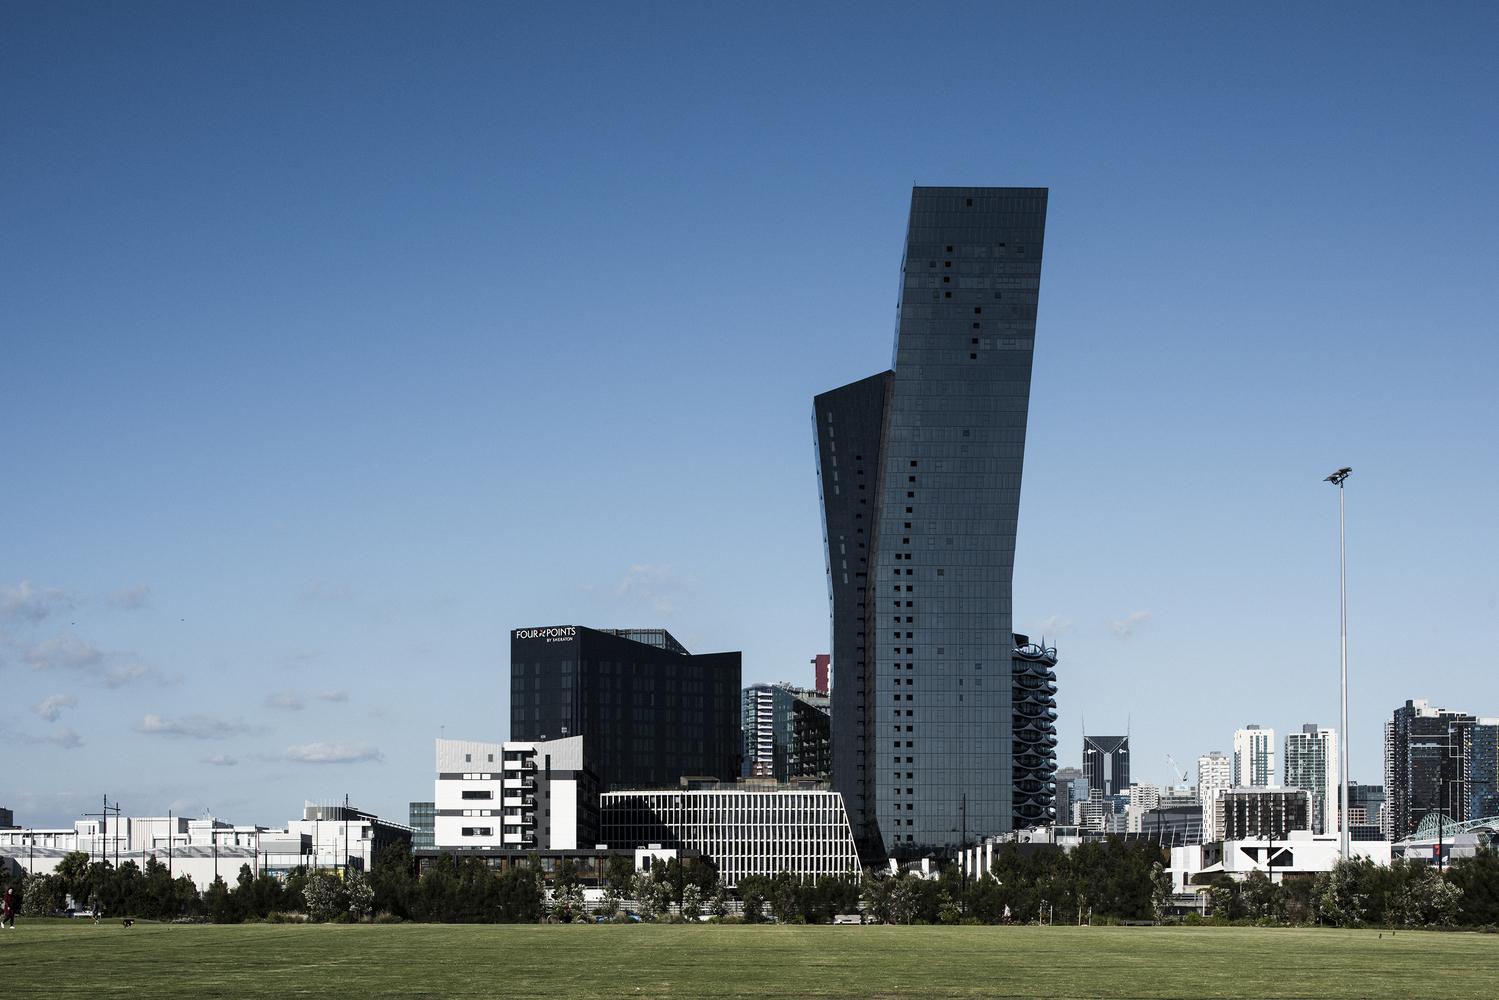 Ngắm nhìn tòa tháp Marina, biểu tượng kiến trúc độc đáo và hiện đại ở Melbourne, Úc